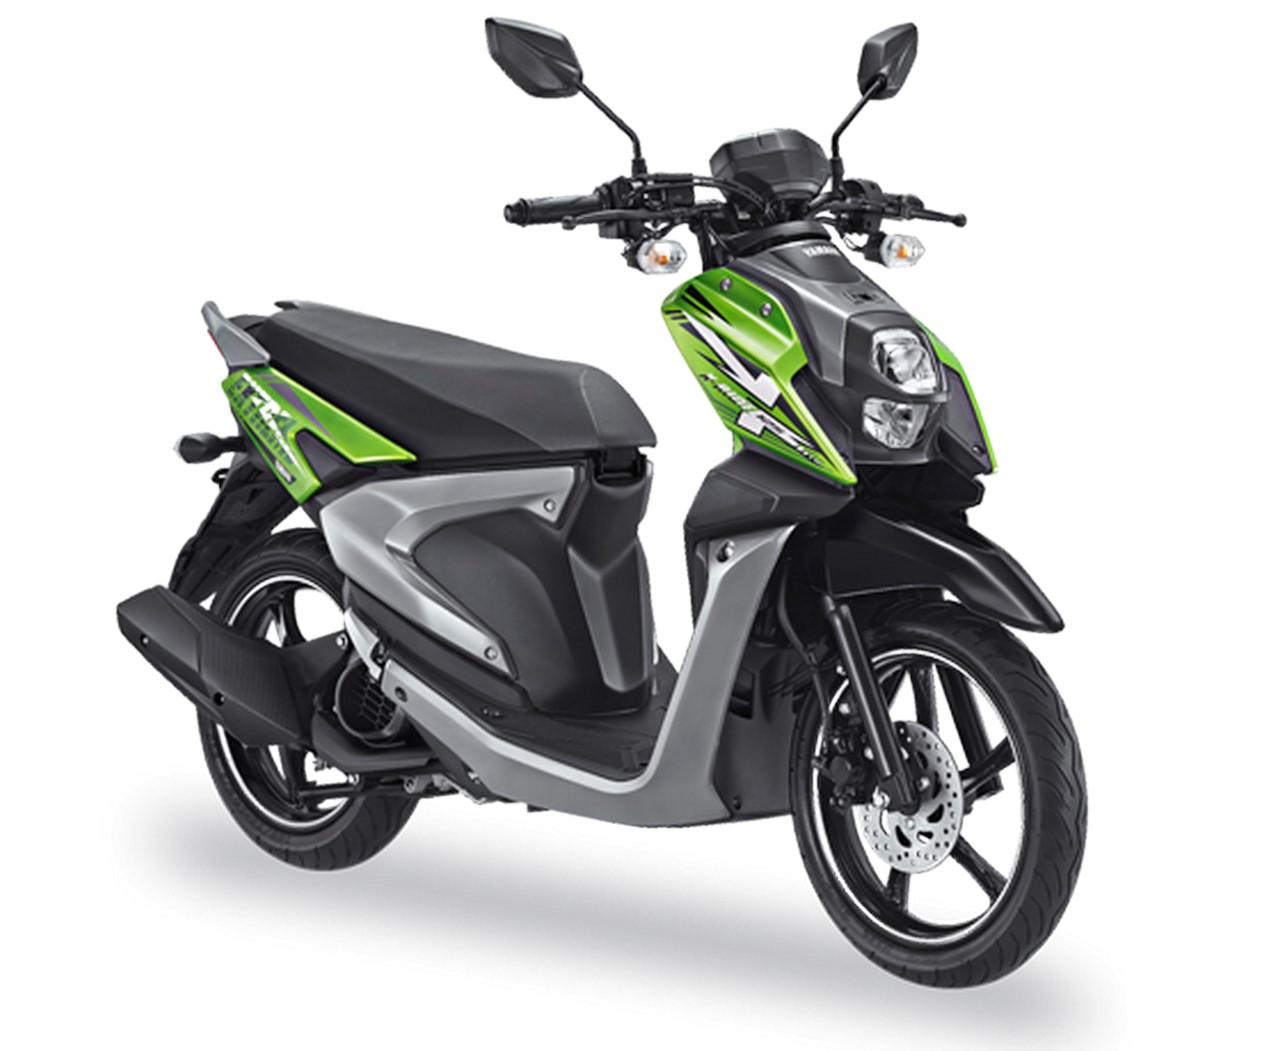 Yamaha X-Ride 125 ra mắt phiên bản 2021 giá chỉ vỏn vẹn 29 triệu VNĐ